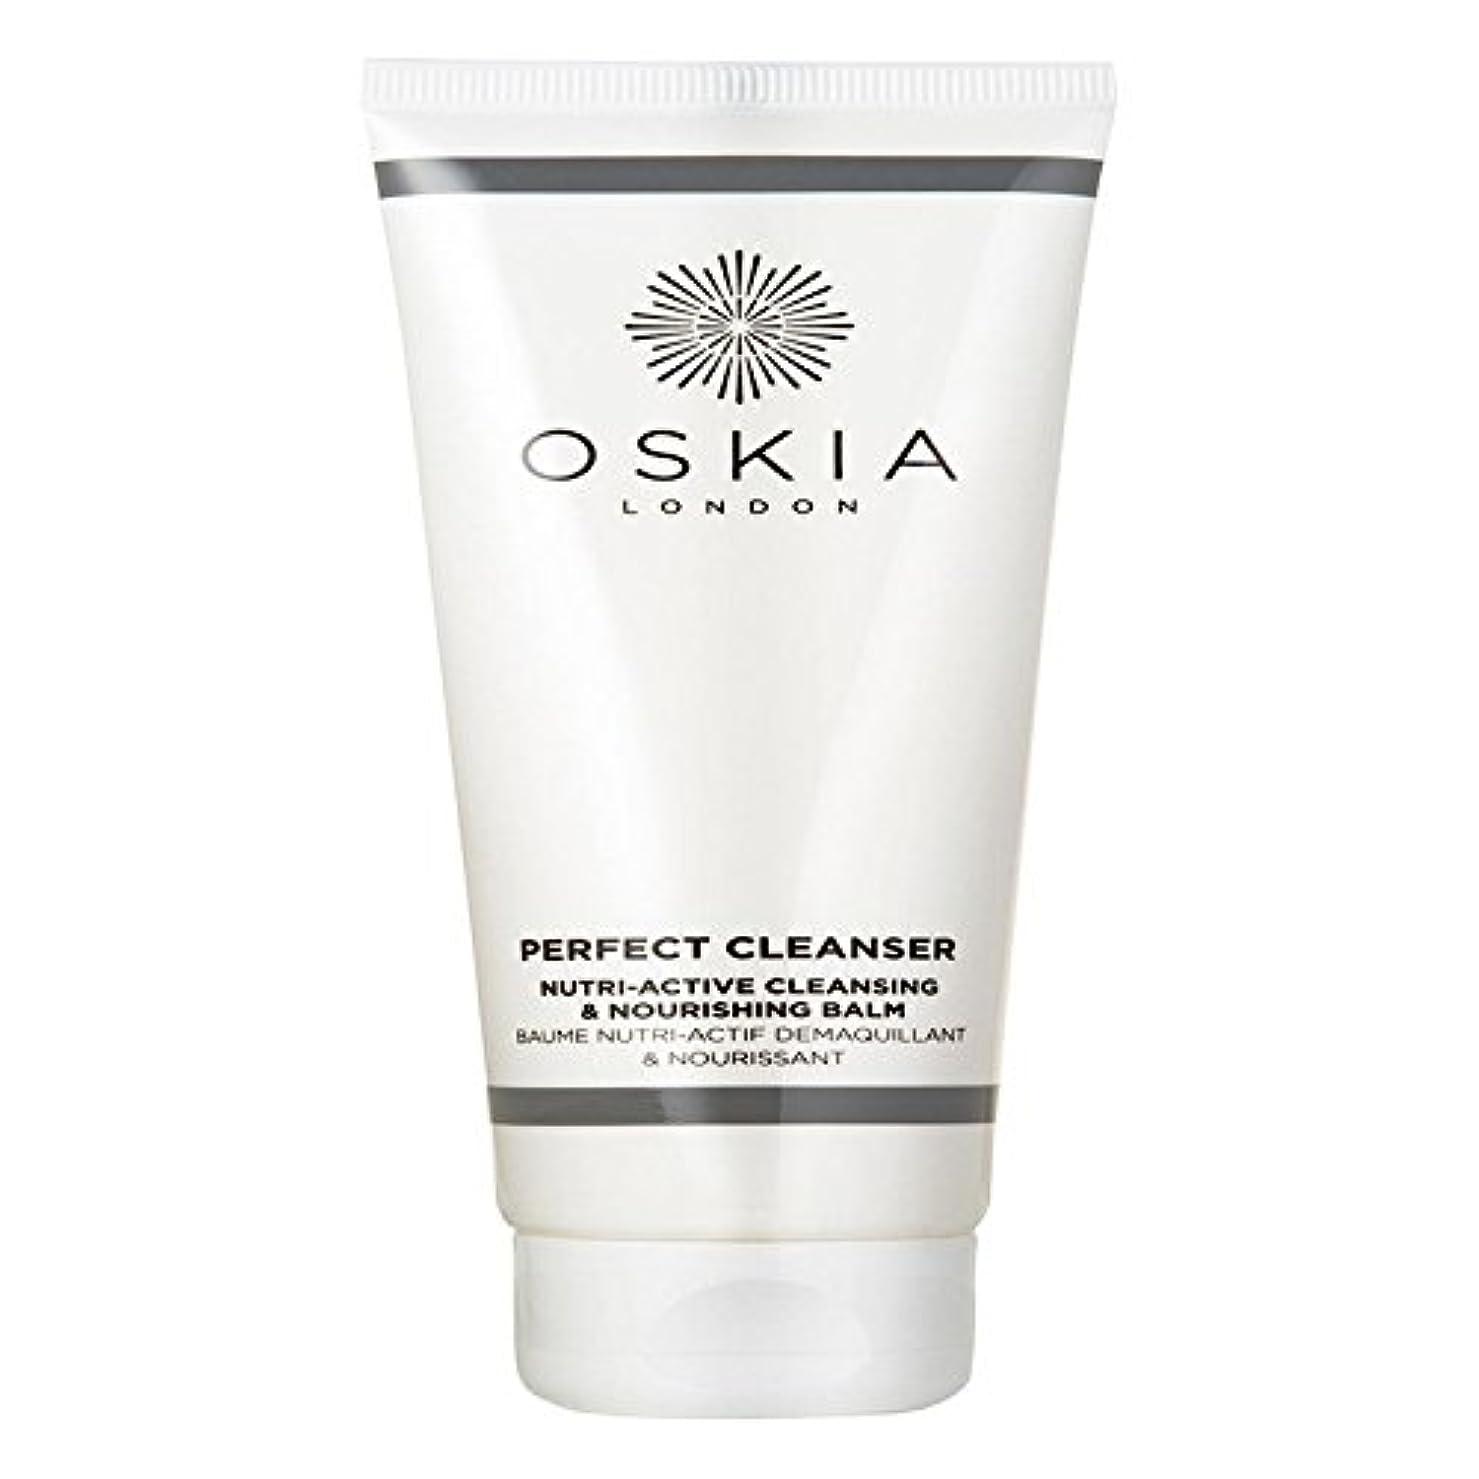 シャイニング十一本当のことを言うと完璧なクレンザー125ミリリットル x4 - OSKIA Perfect Cleanser 125ml (Pack of 4) [並行輸入品]